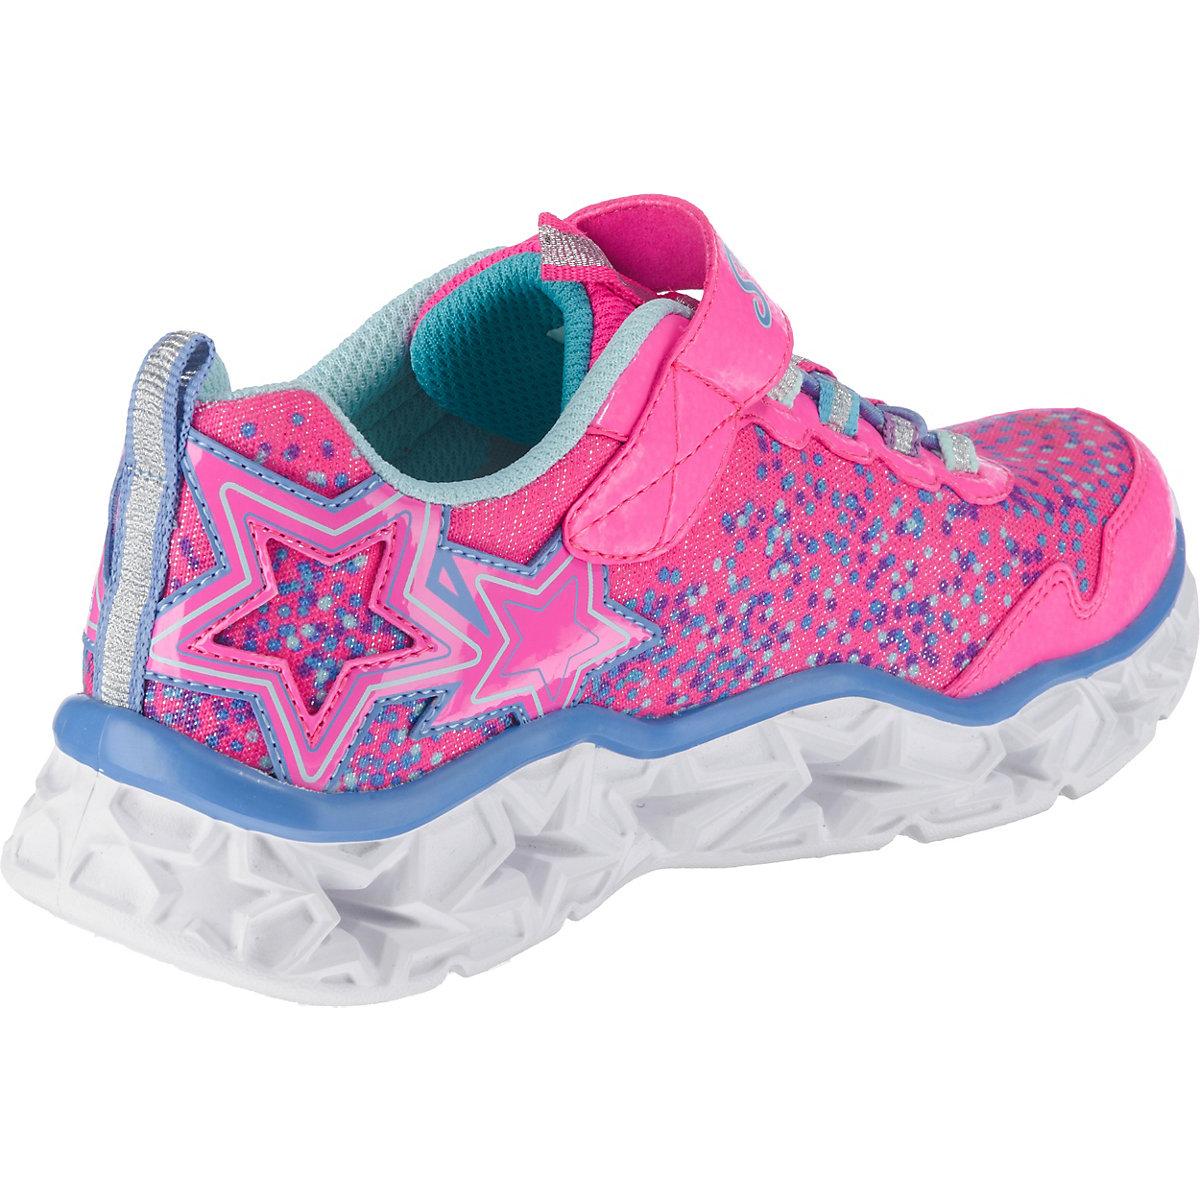 SKECHERS, Kinder Sneakers Blinkies für Mädchen, pink ...